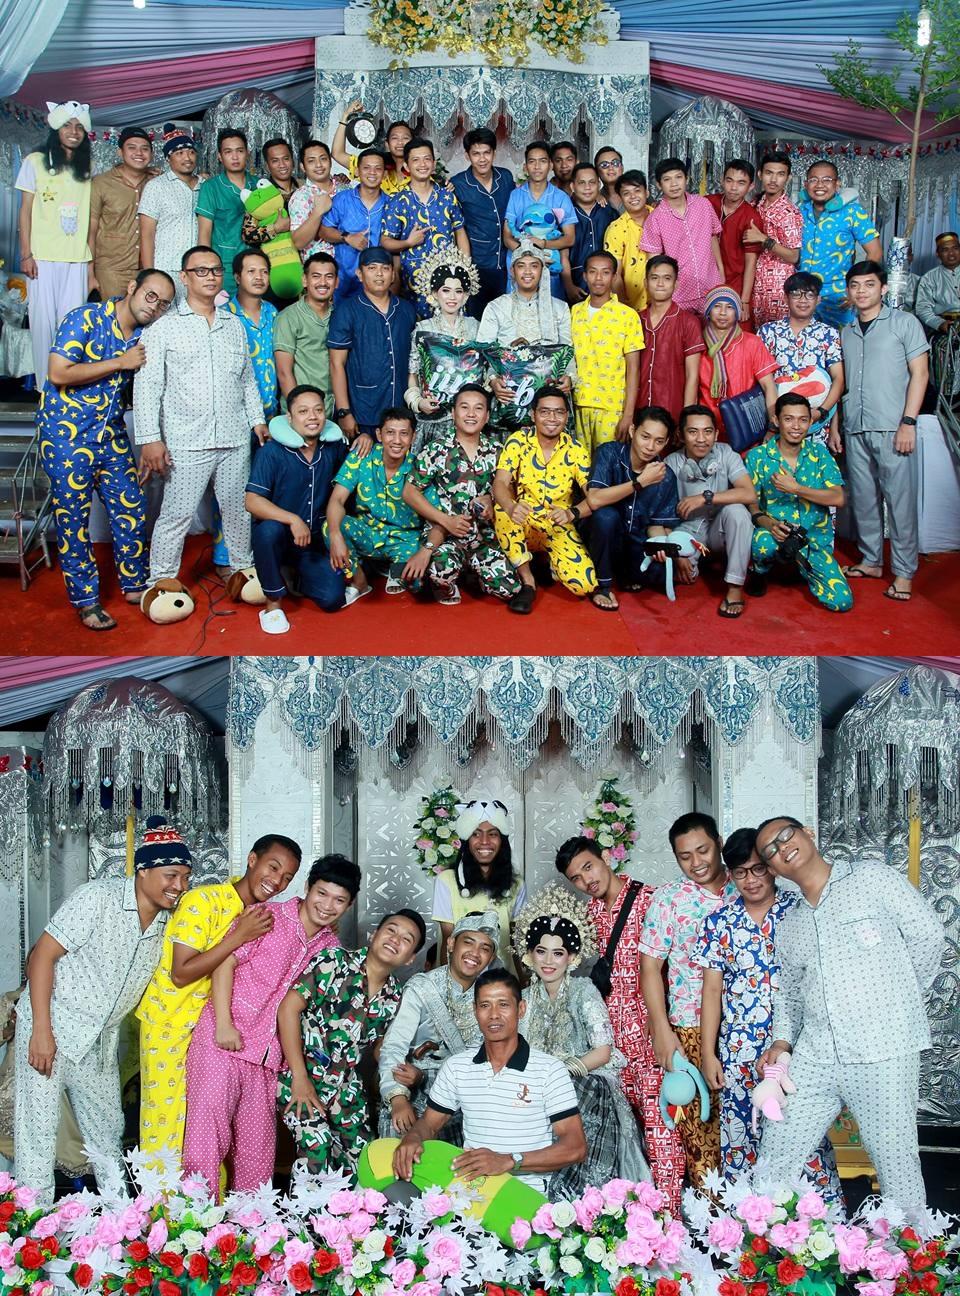 datang nikahan teman pakai piyama © Facebook